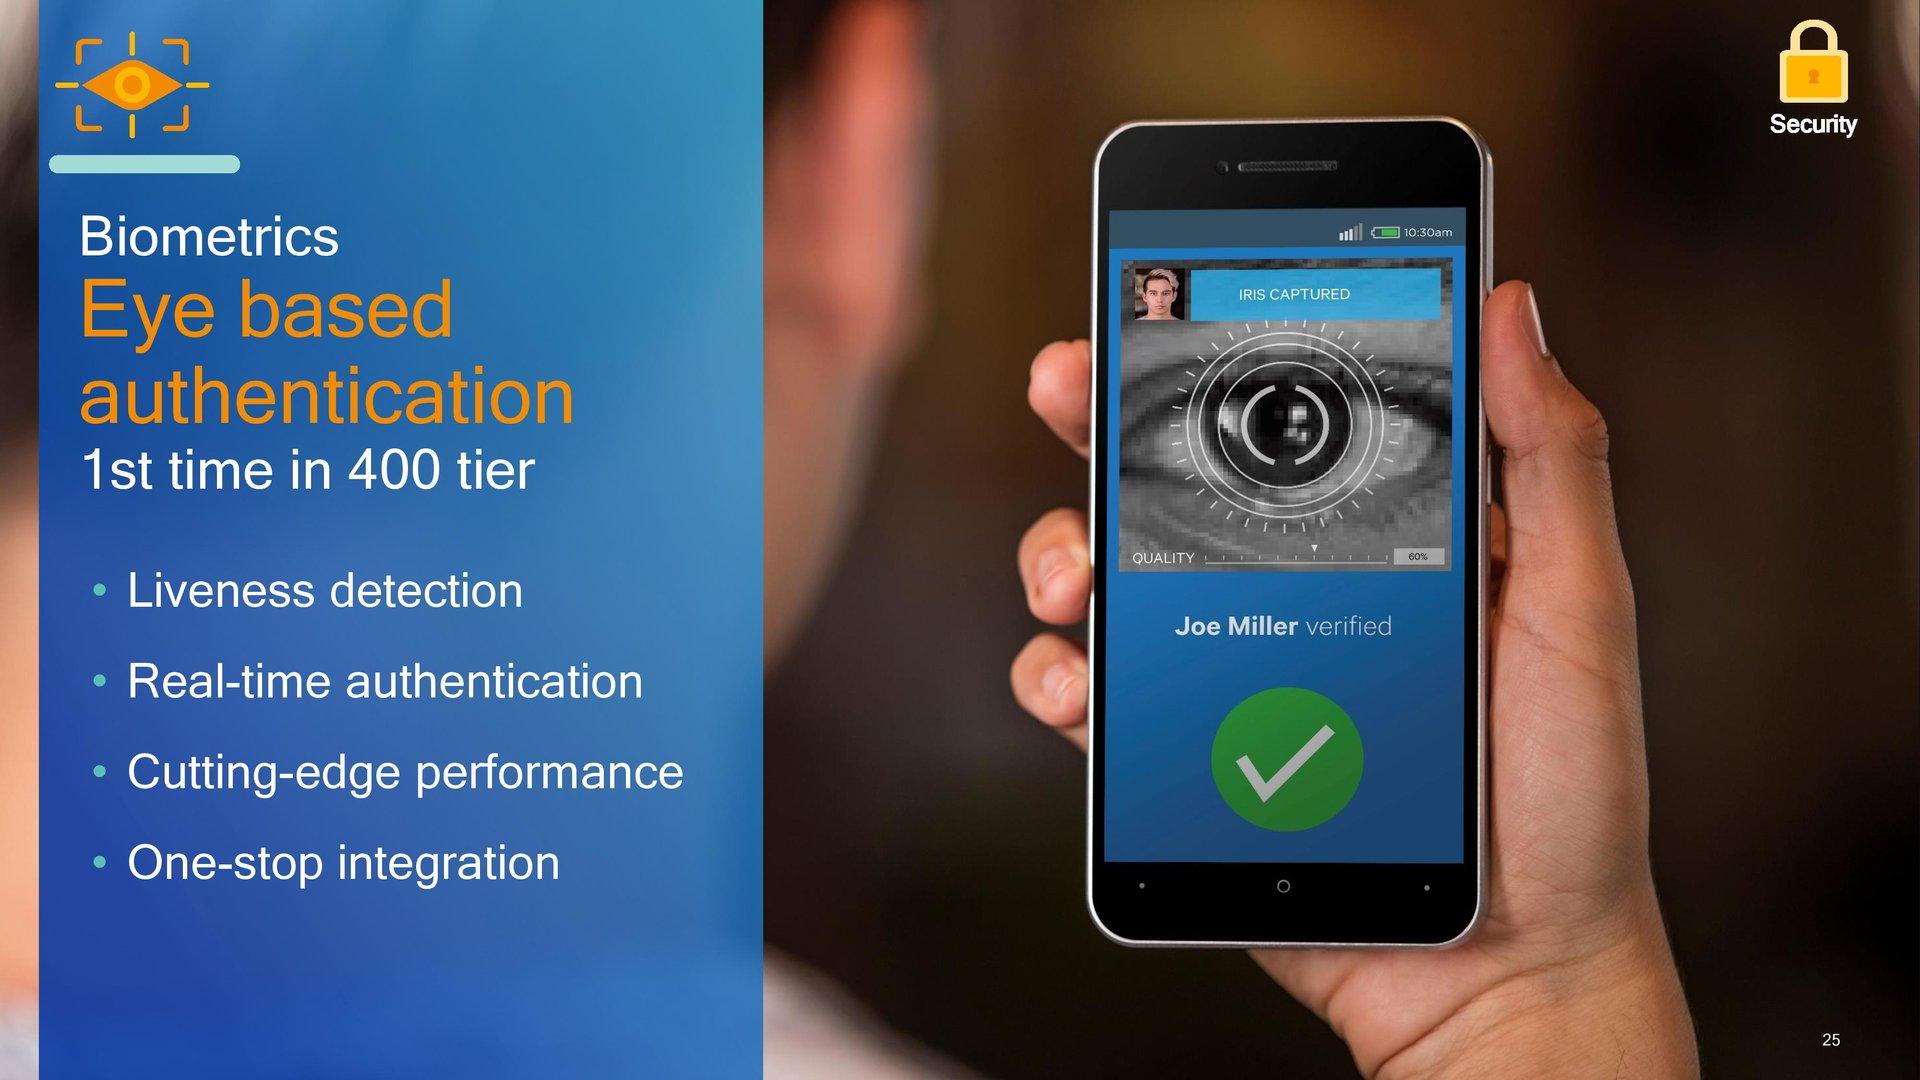 Die Authentifizierung per Retina-Scanner ist jetzt möglich